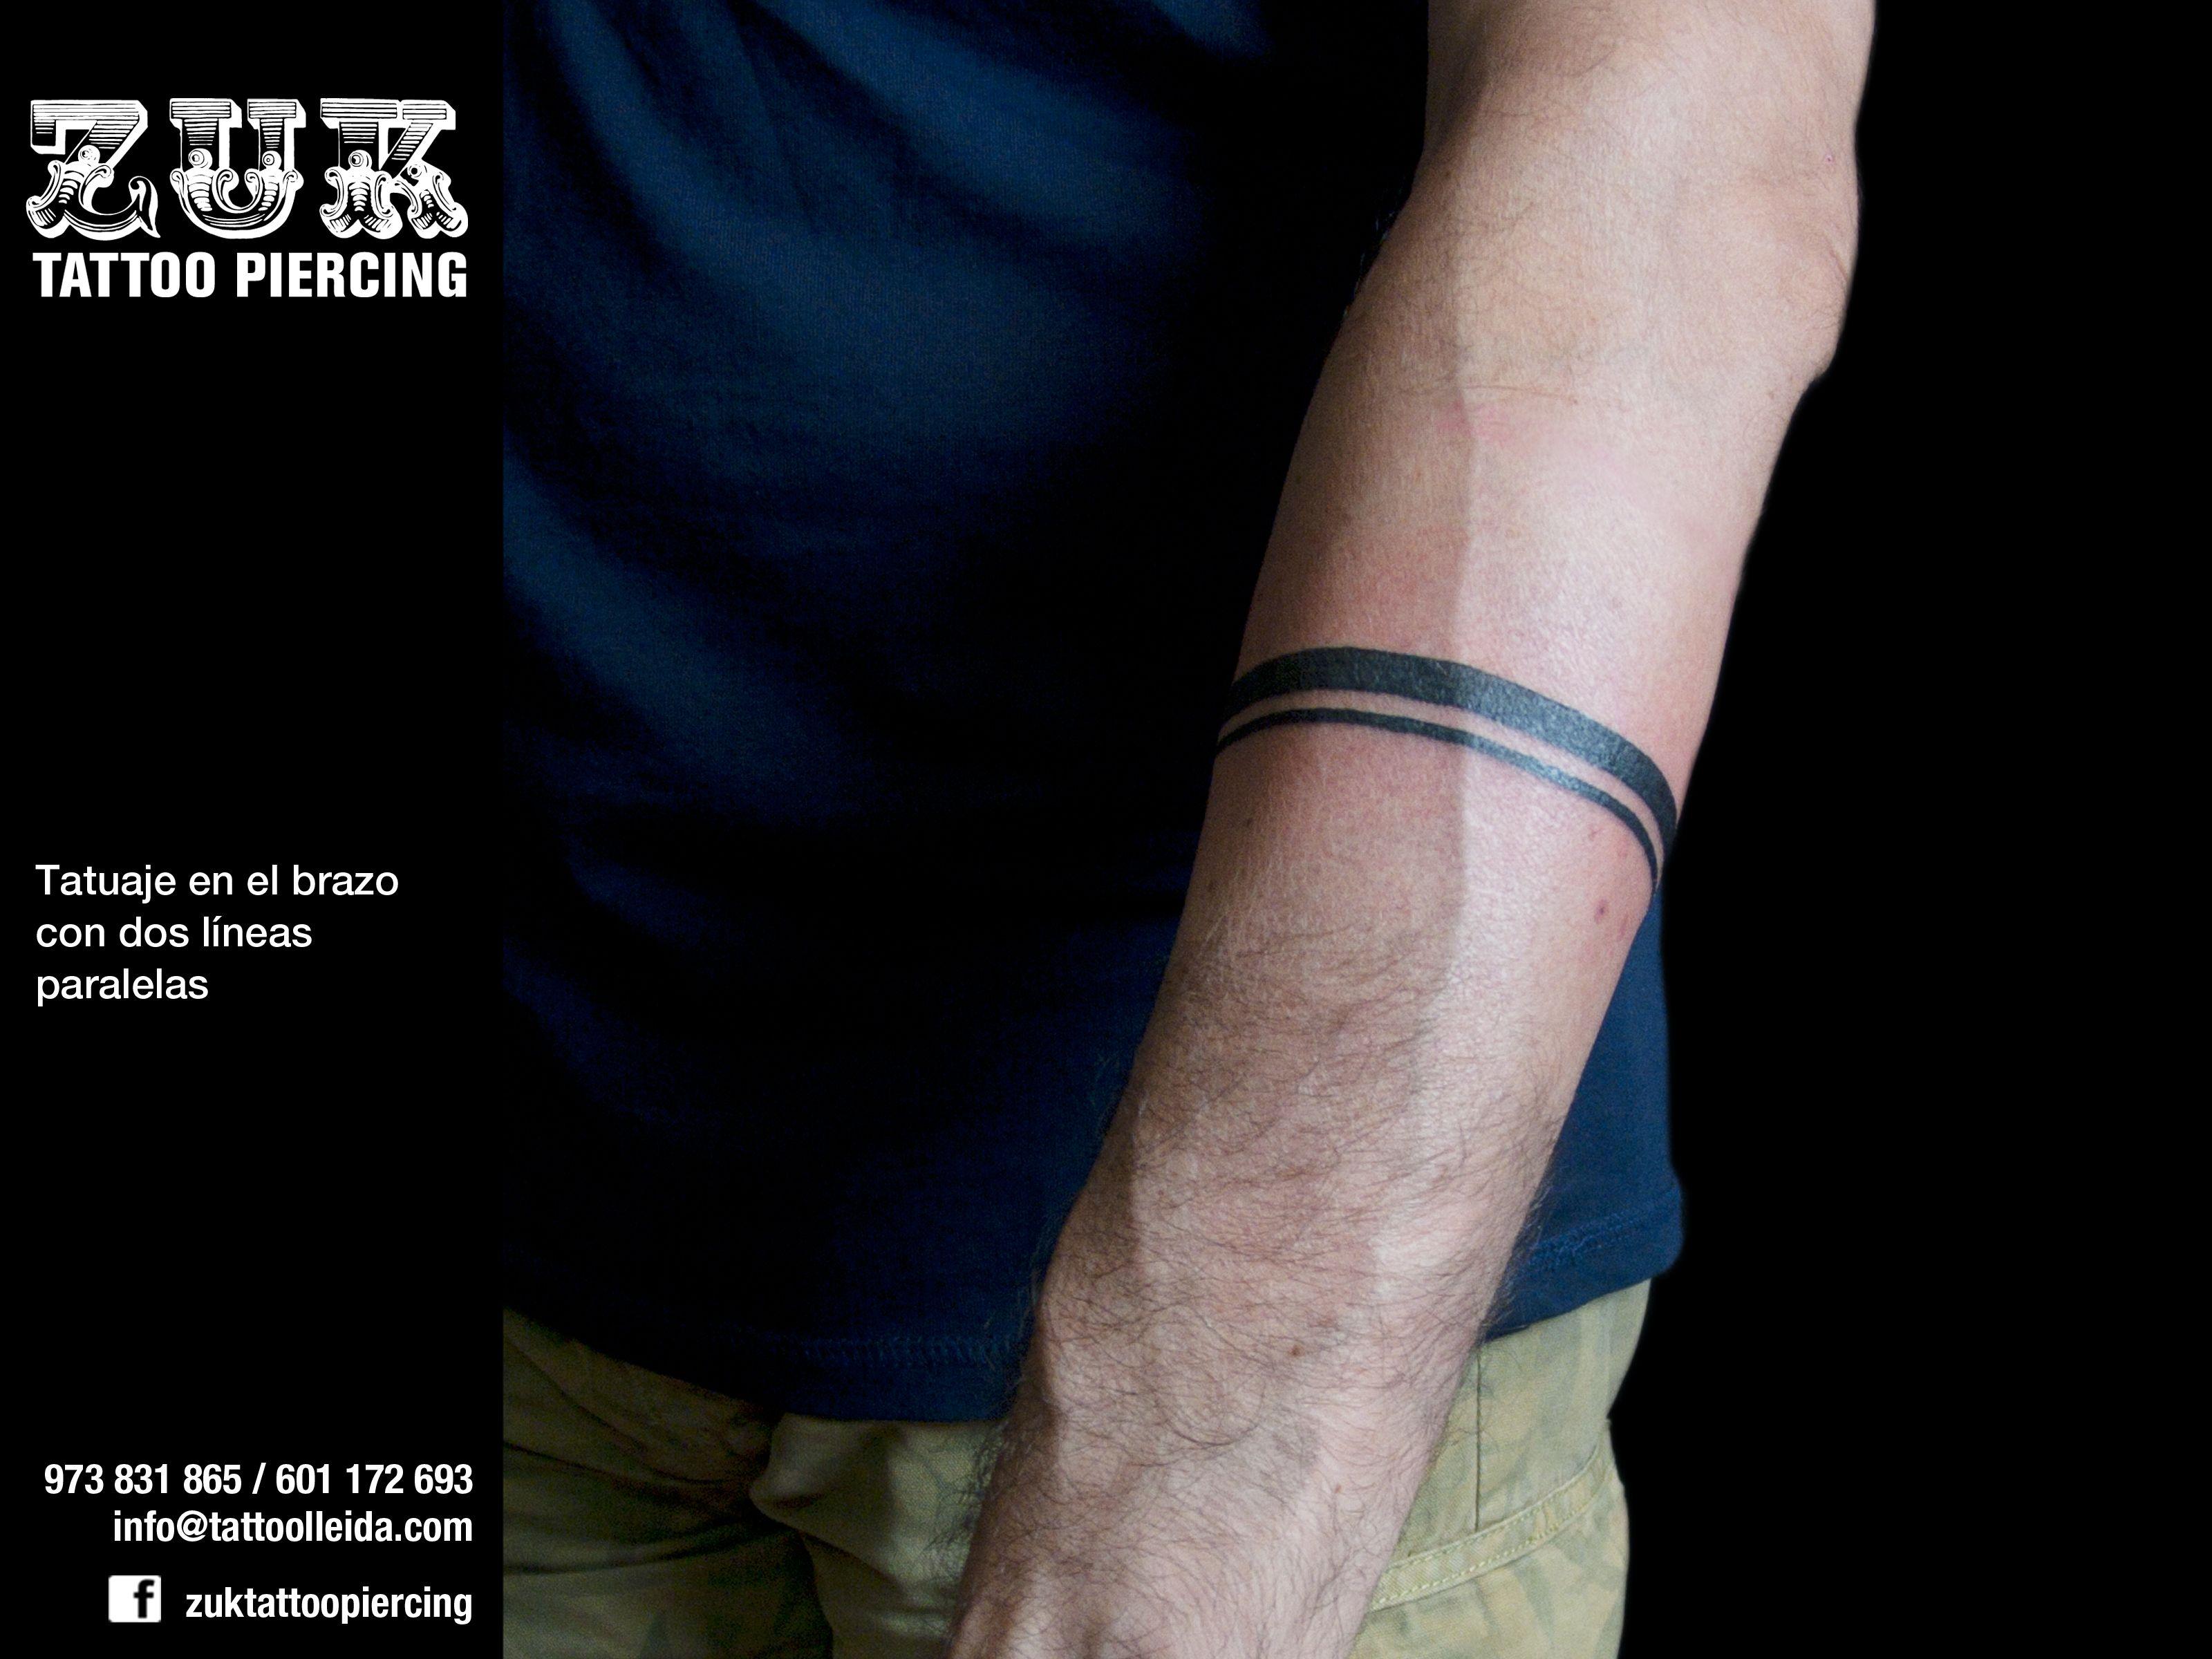 Tatuaje En El Brazo Con Dos Líneas Paralelas Tattos Pinterest